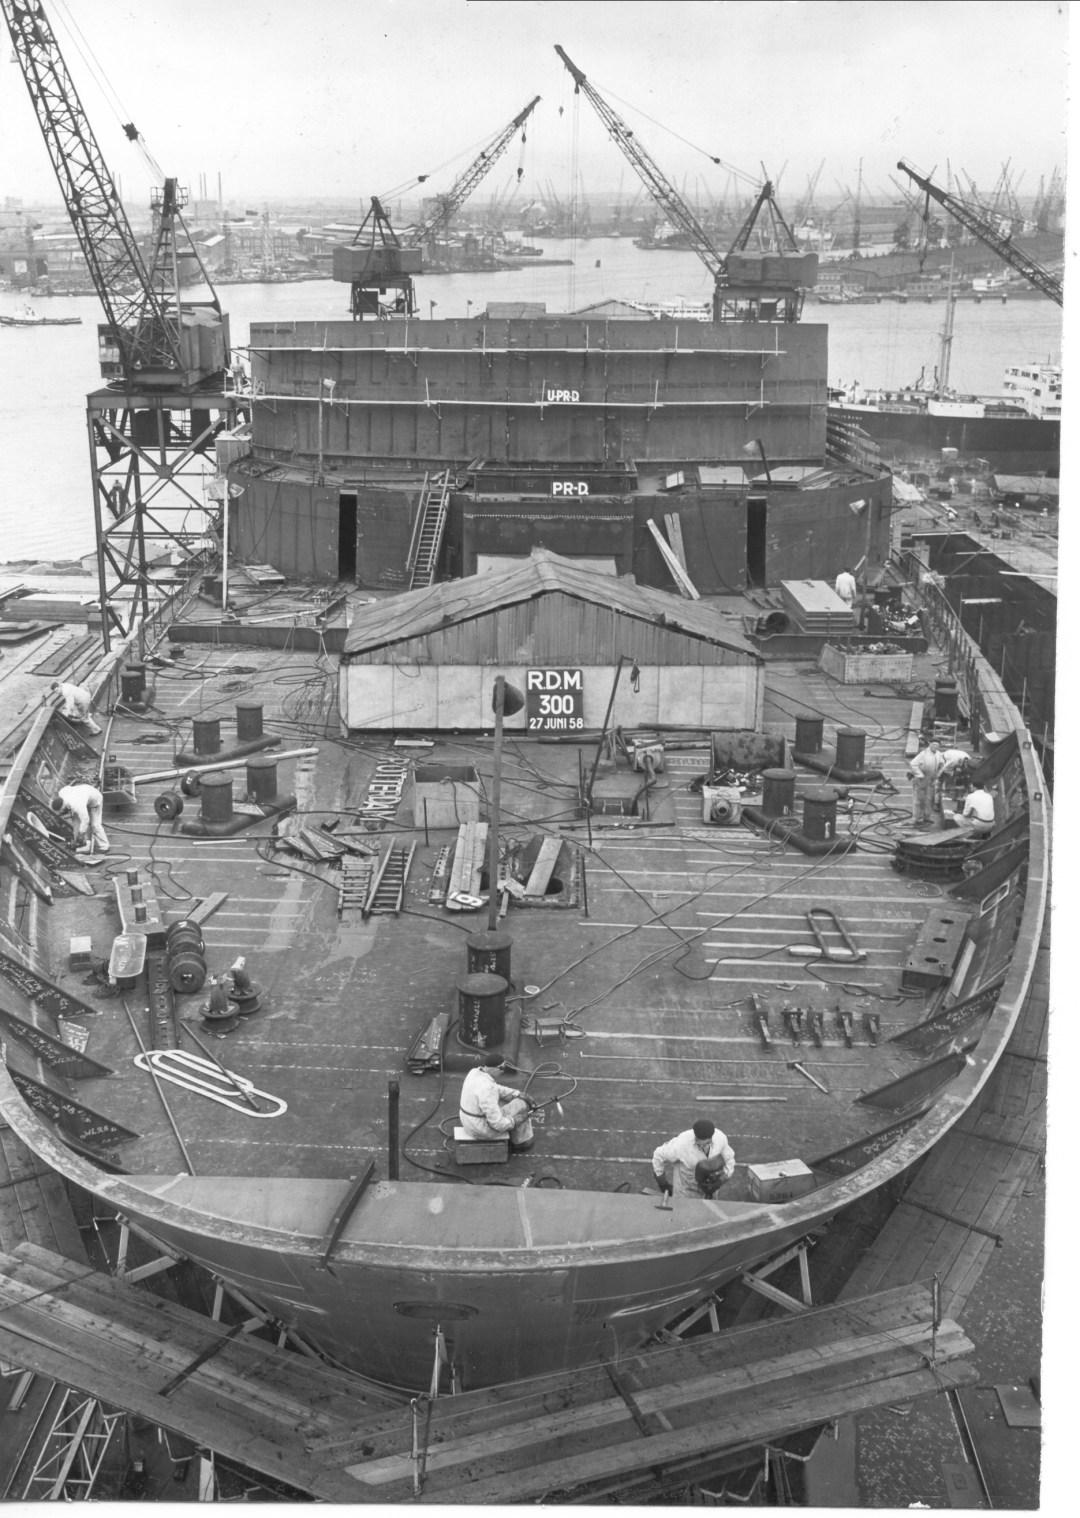 Bouwnummer 300 in juni 1958